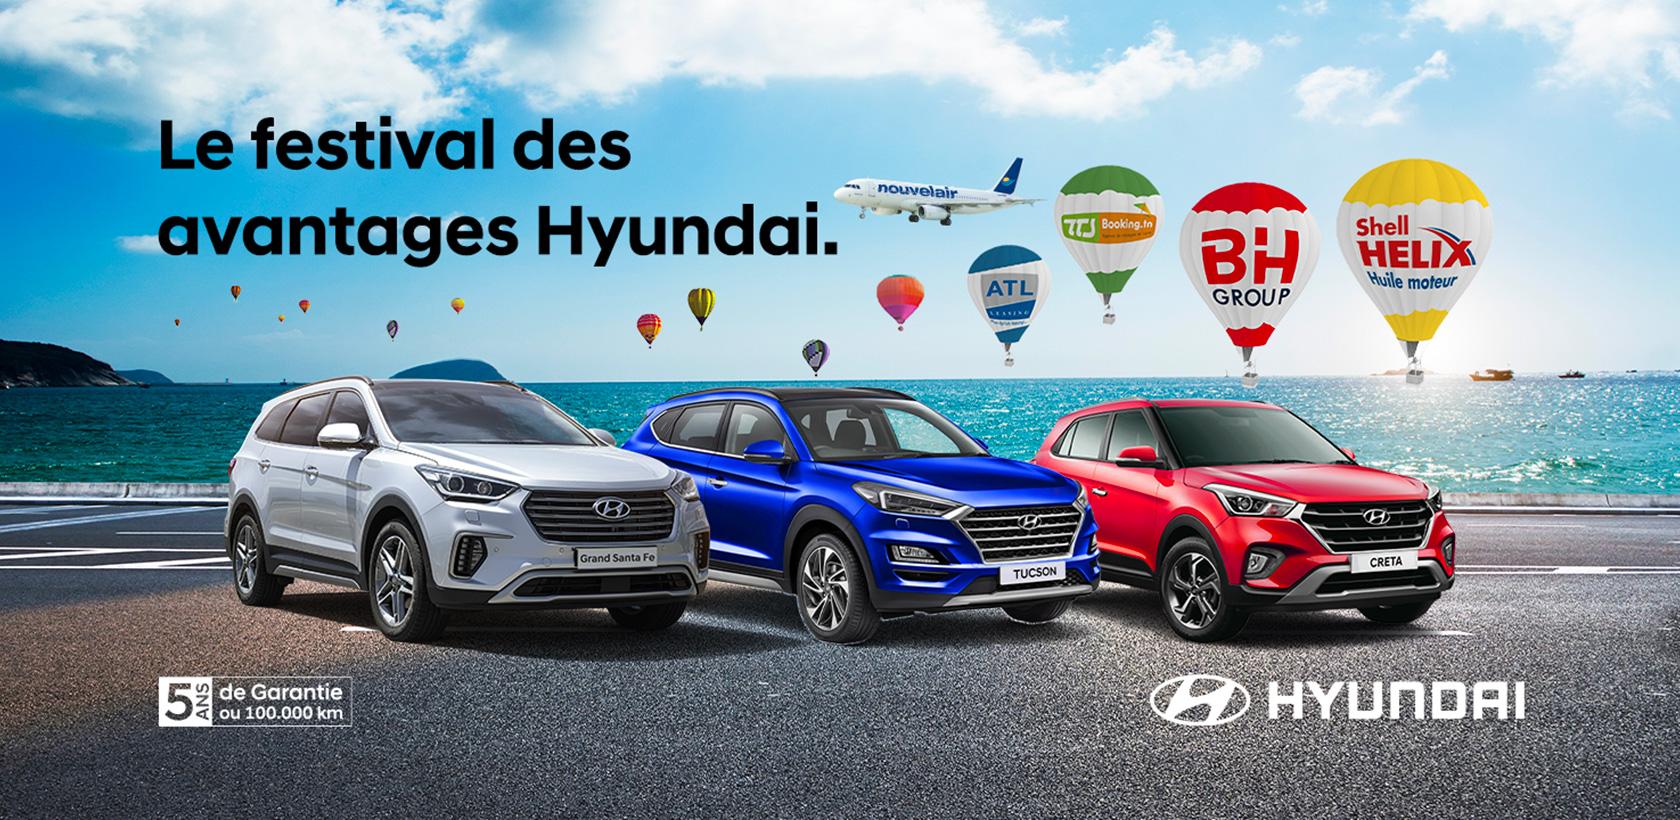 Festival des avantages Hyundai